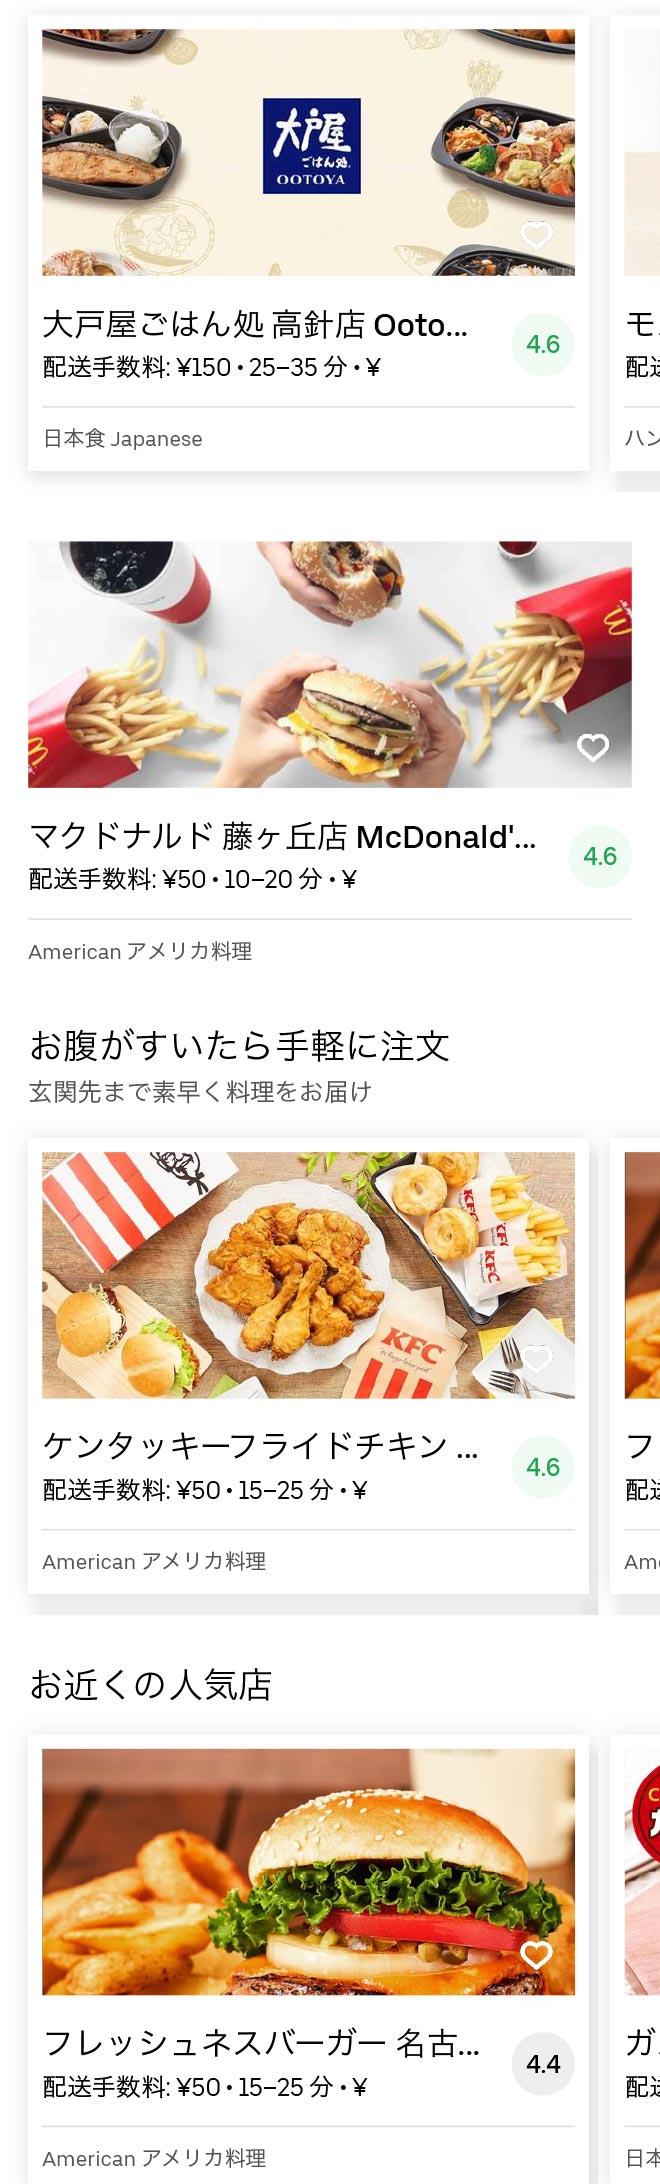 Nagoya fujigaoka menu 2005 01